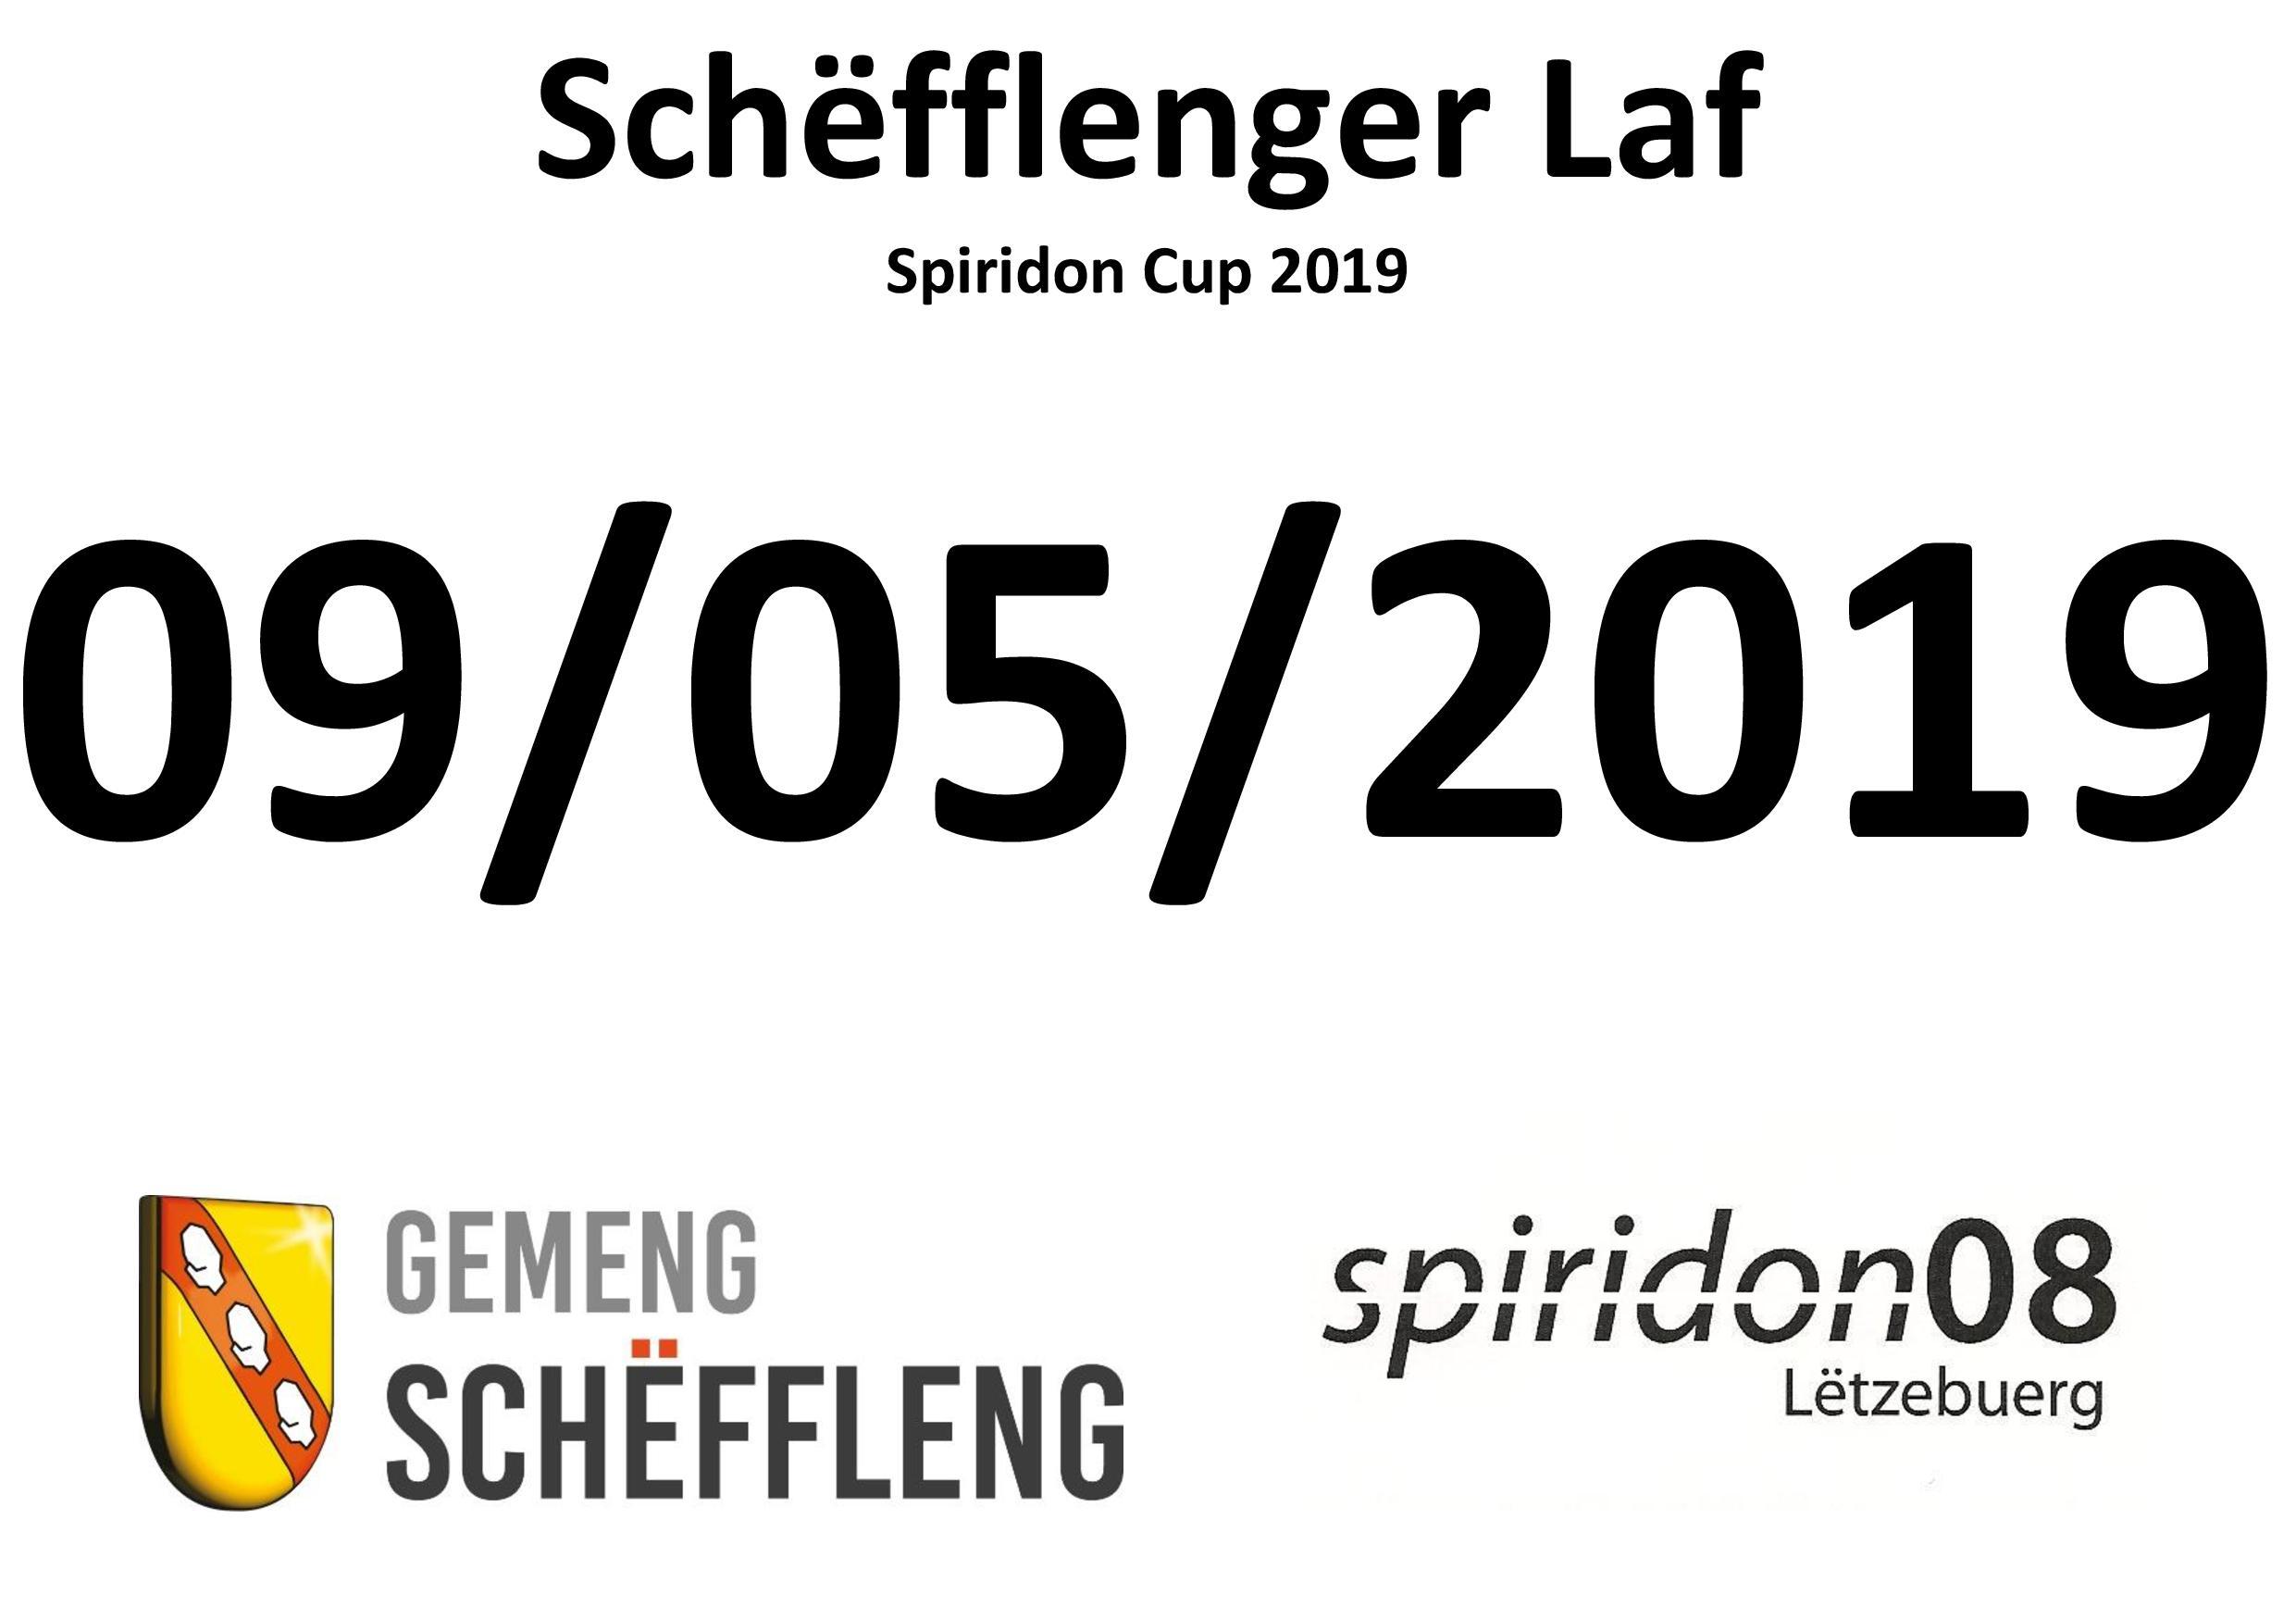 09/05/2019 Schëfflenger Laf